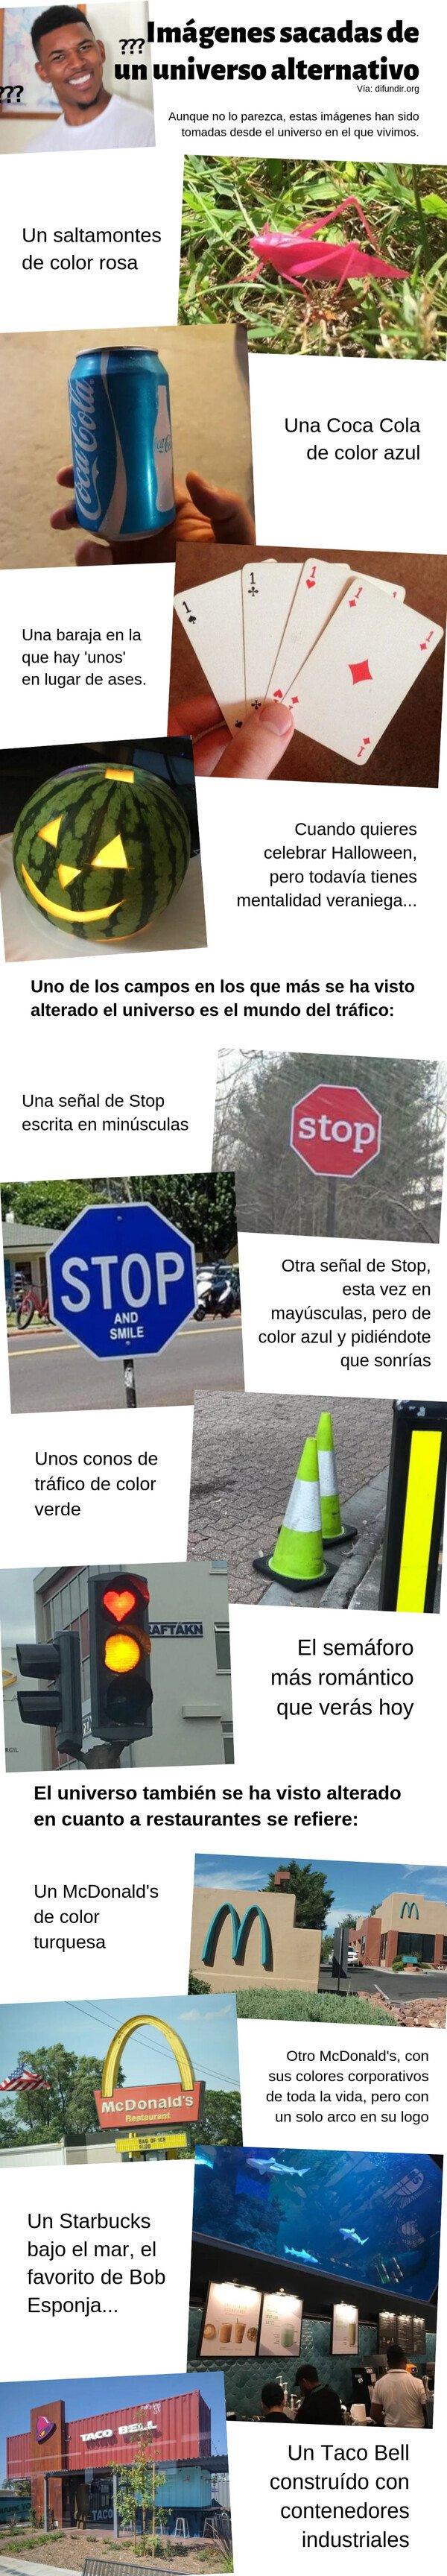 Meme_otros - Imágenes que parecen sacadas de un universo alternativo